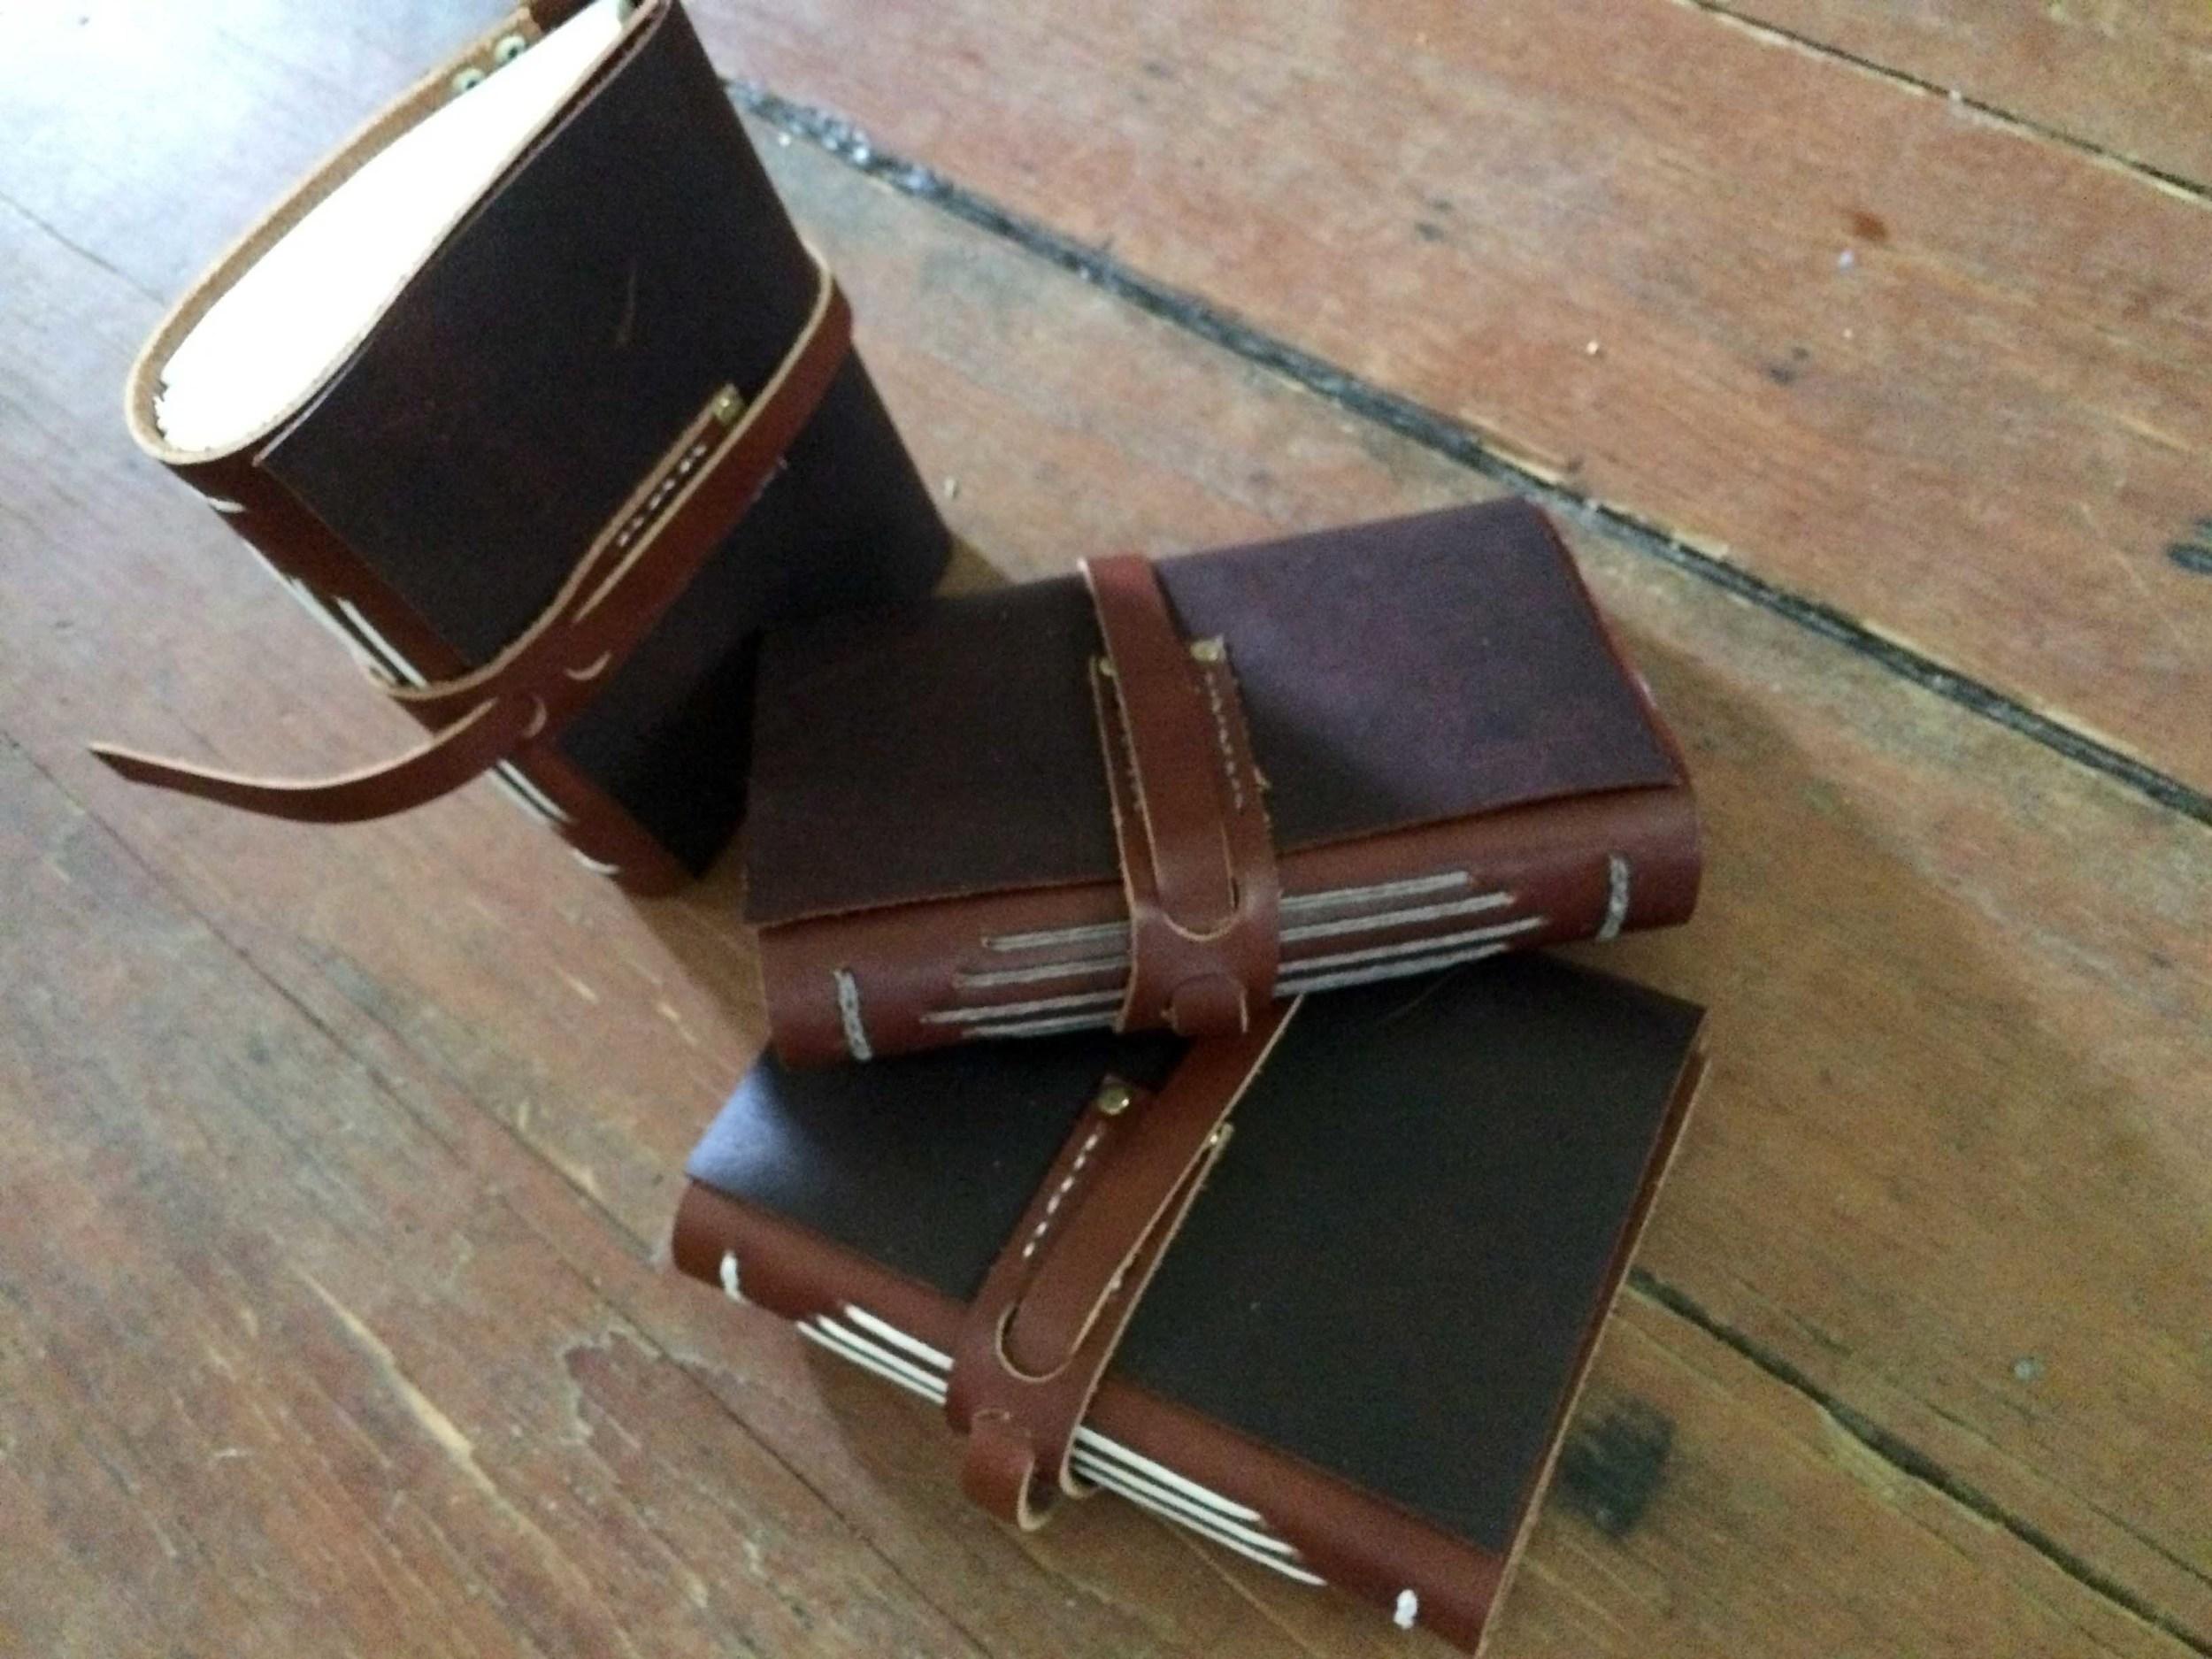 dski-design-cabin-duo-leather-8.jpg